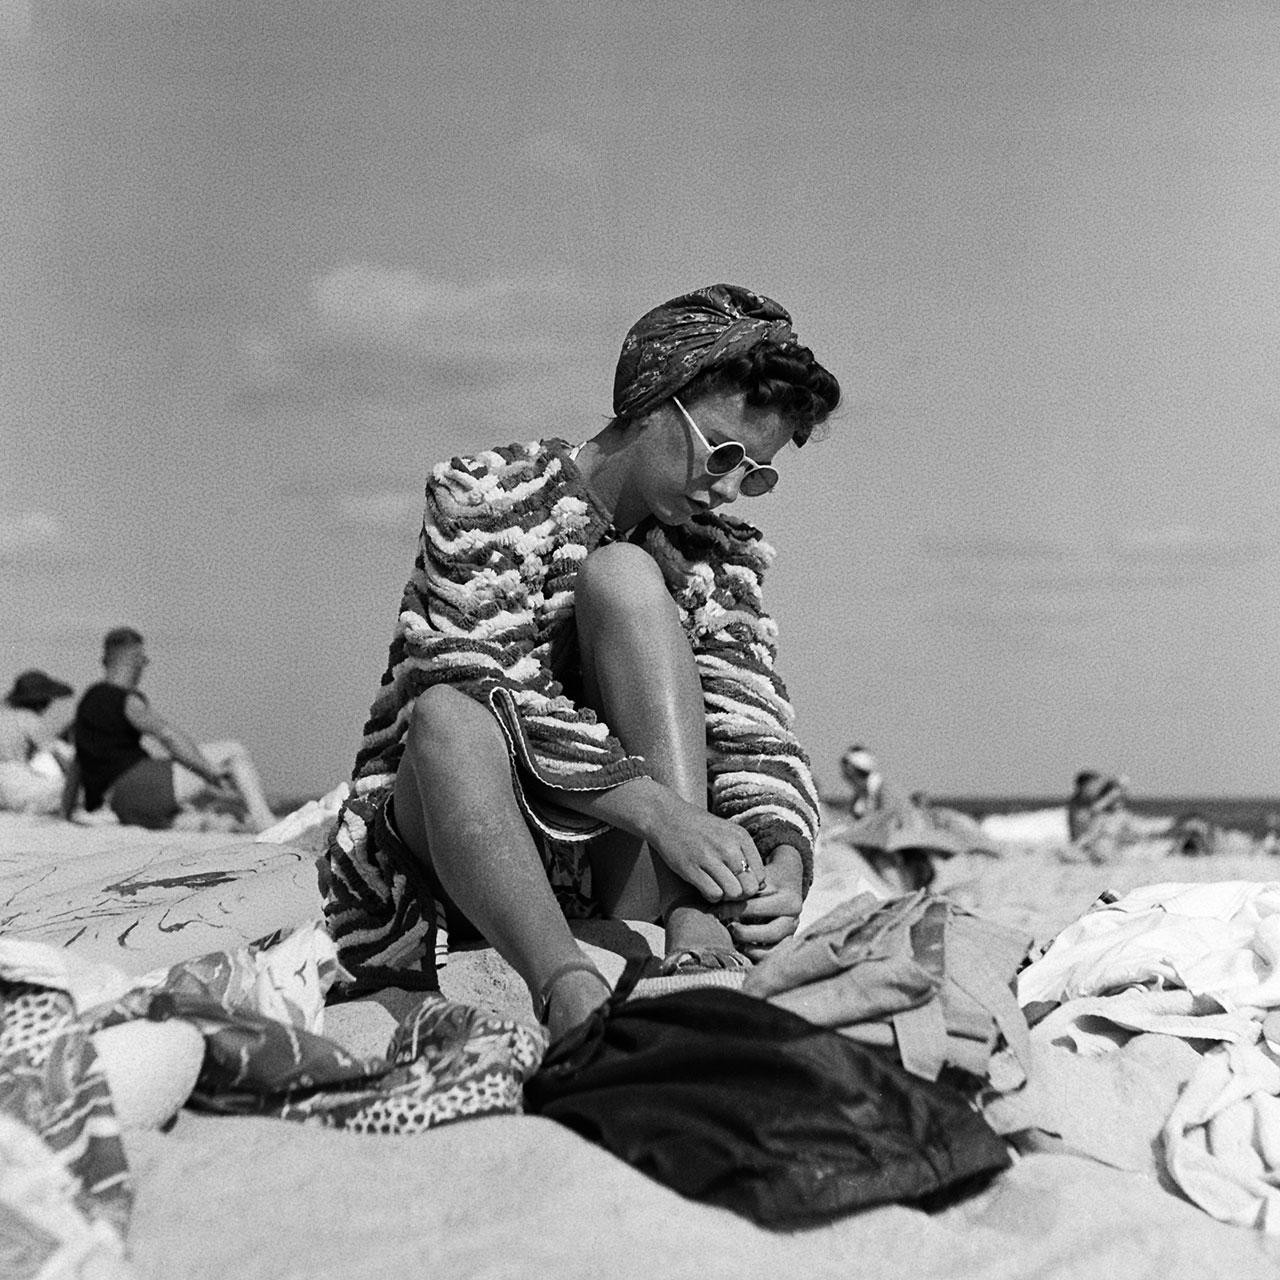 Roya Geale in chenille beach jacket, 5 January 1941. (Digital ID: a2391056)